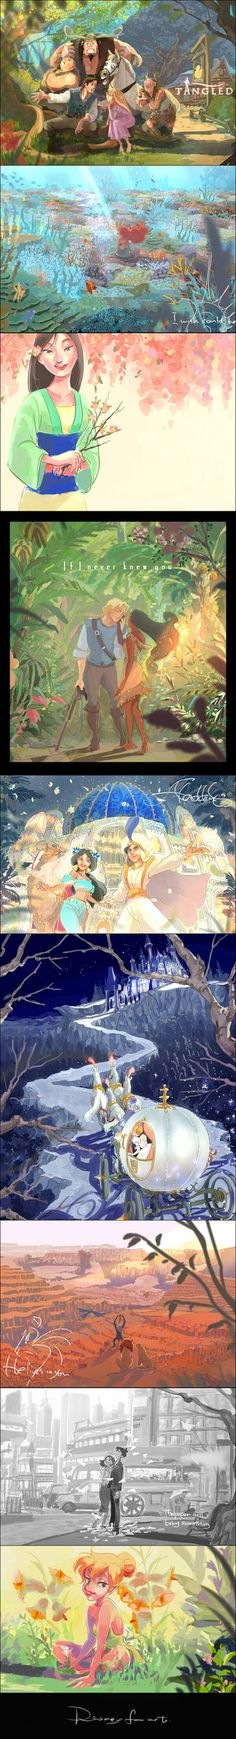 Disney fan art by fukamatsu